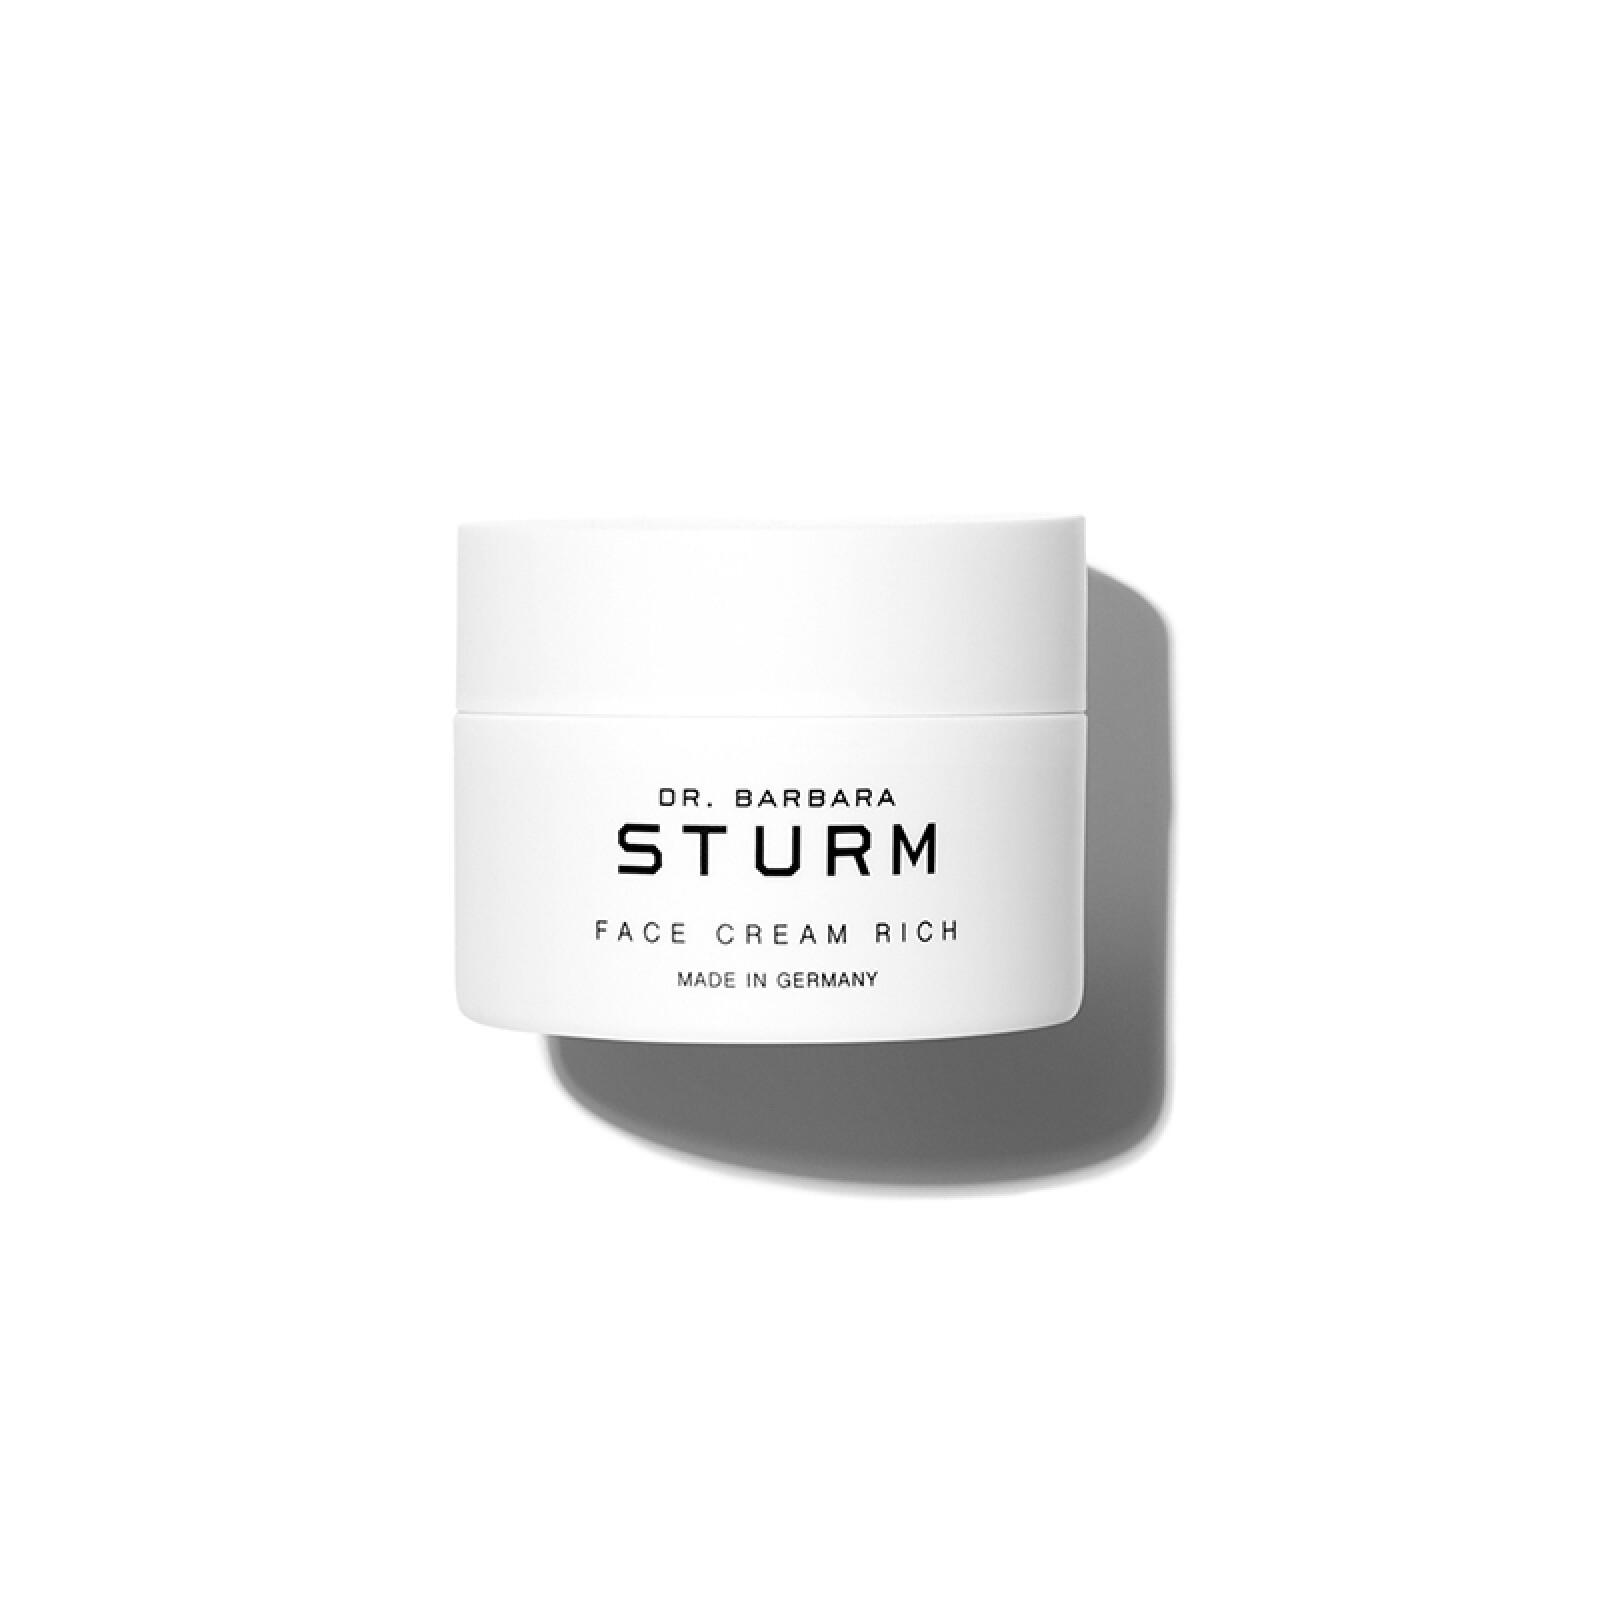 Dr.-Barbara-Sturm-Face-Cream-Rich.jpg